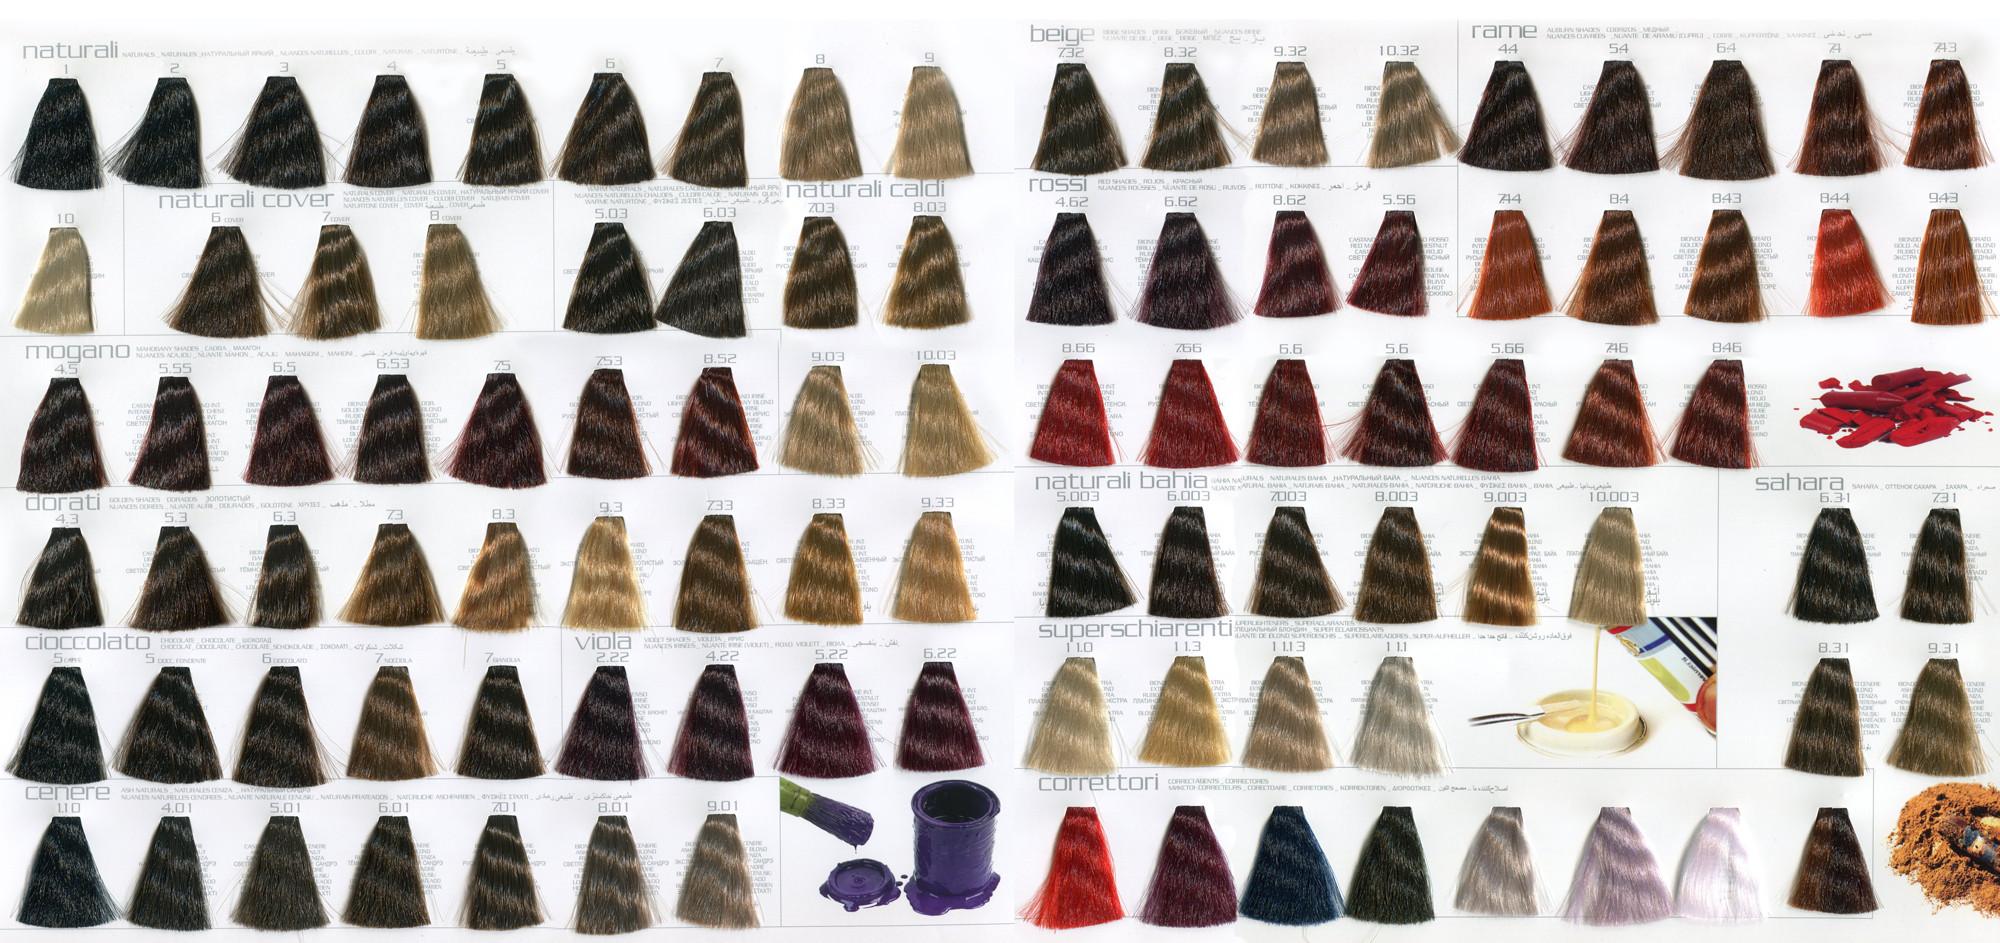 na-foto-pokazany-97-ottenkov-stoykogo-permanentnogo-krasitelya-włos-firma-włosy-światło-crema-coloran